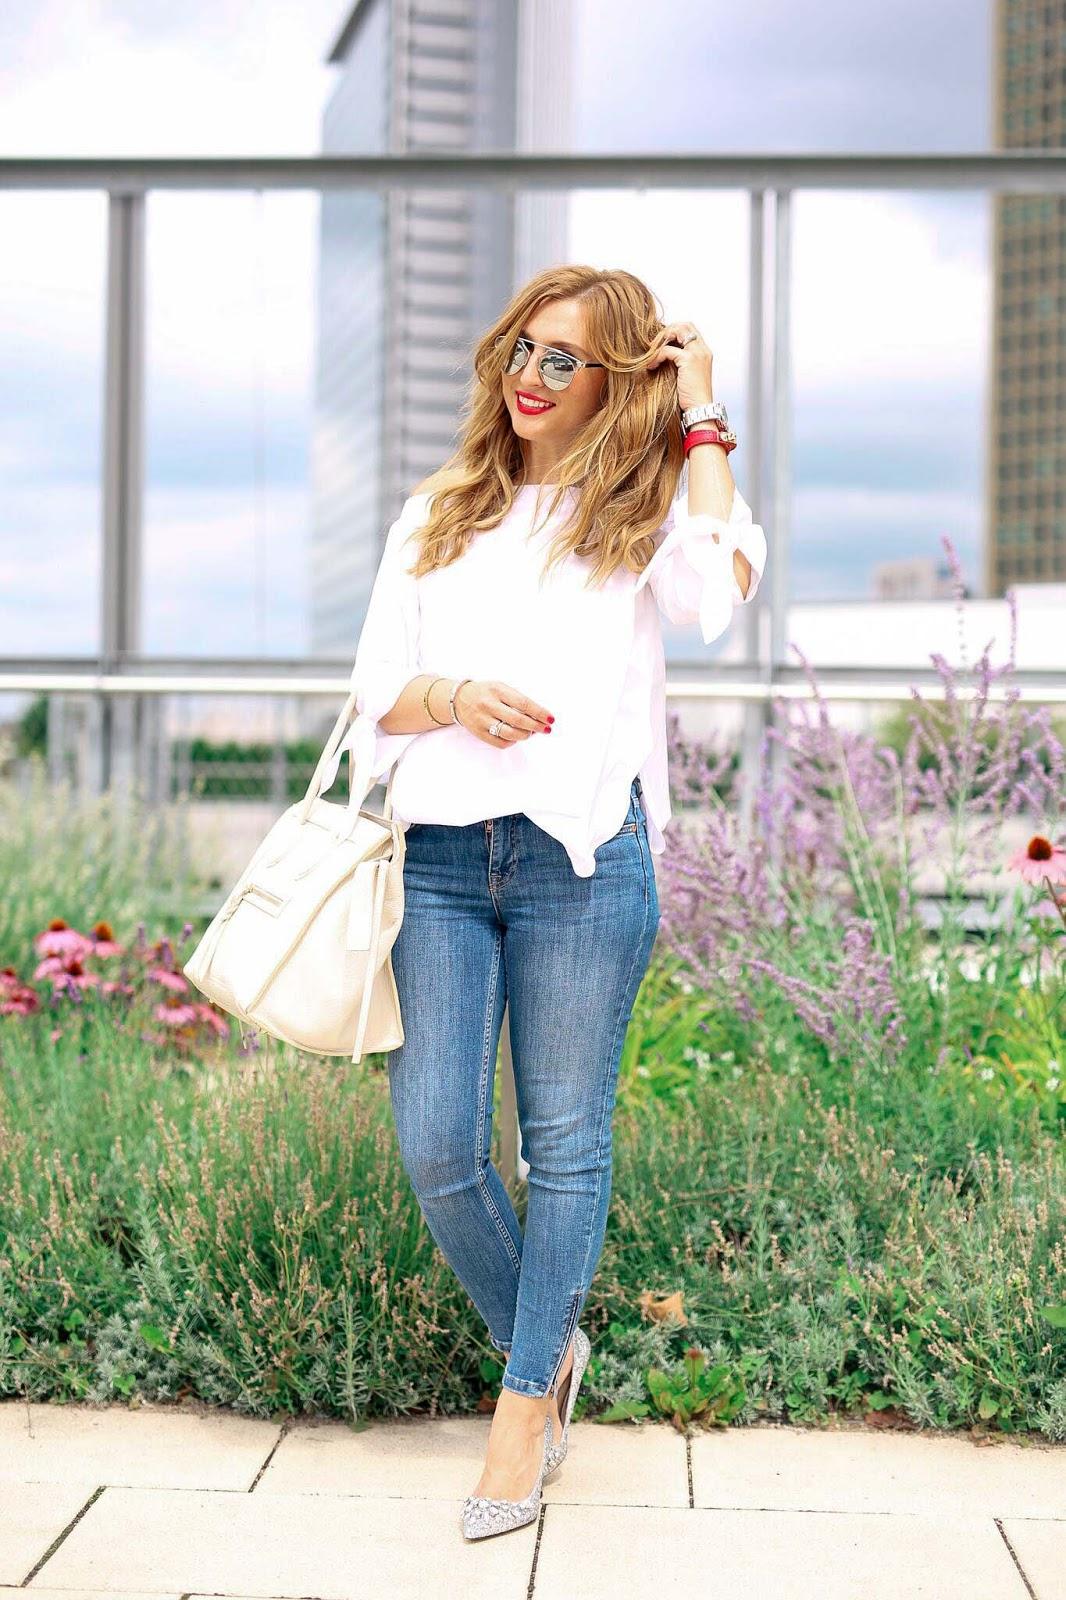 Fashionstylebyjohanna-wie-kombiniert-man-glitzer-pumps-fashionblogger-aus-deutschland-jessica-buurman